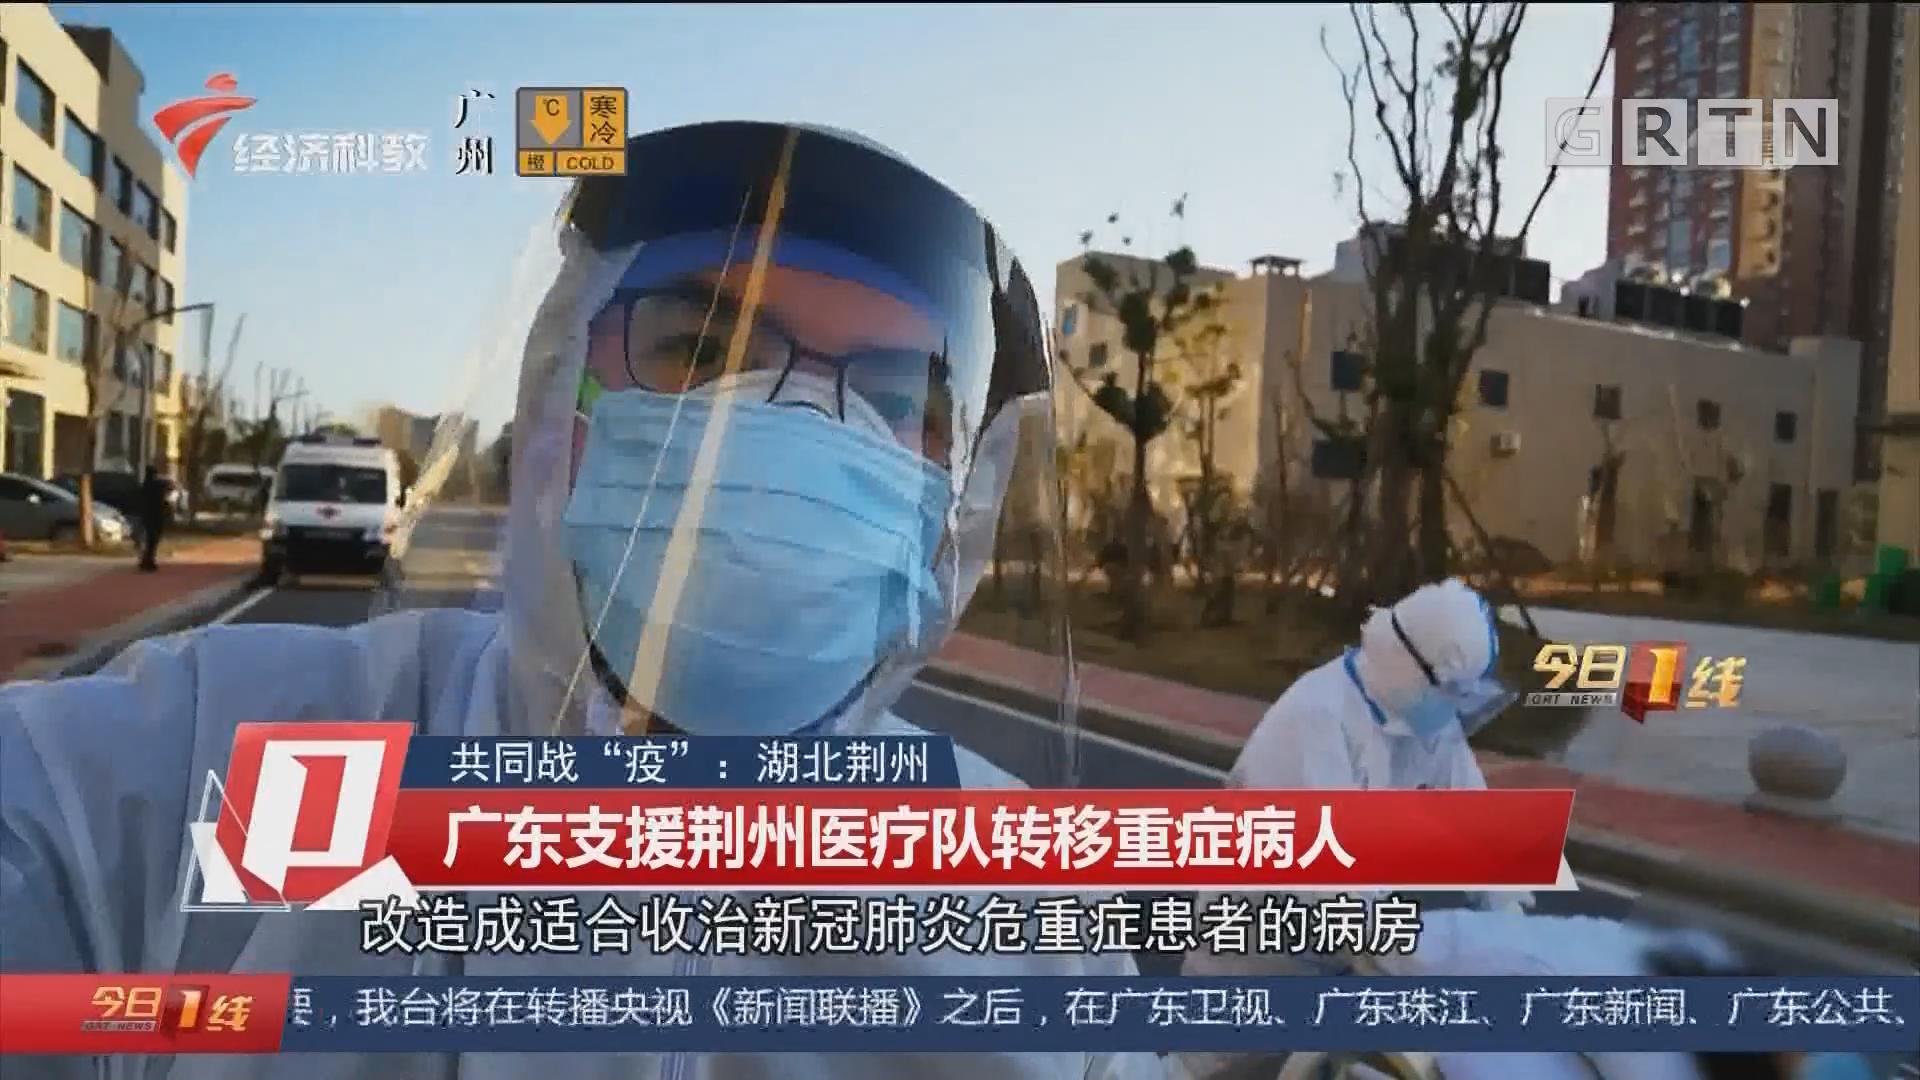 """共同战""""疫"""":湖北荆州 广东支援荆州医疗队转移重症病人"""